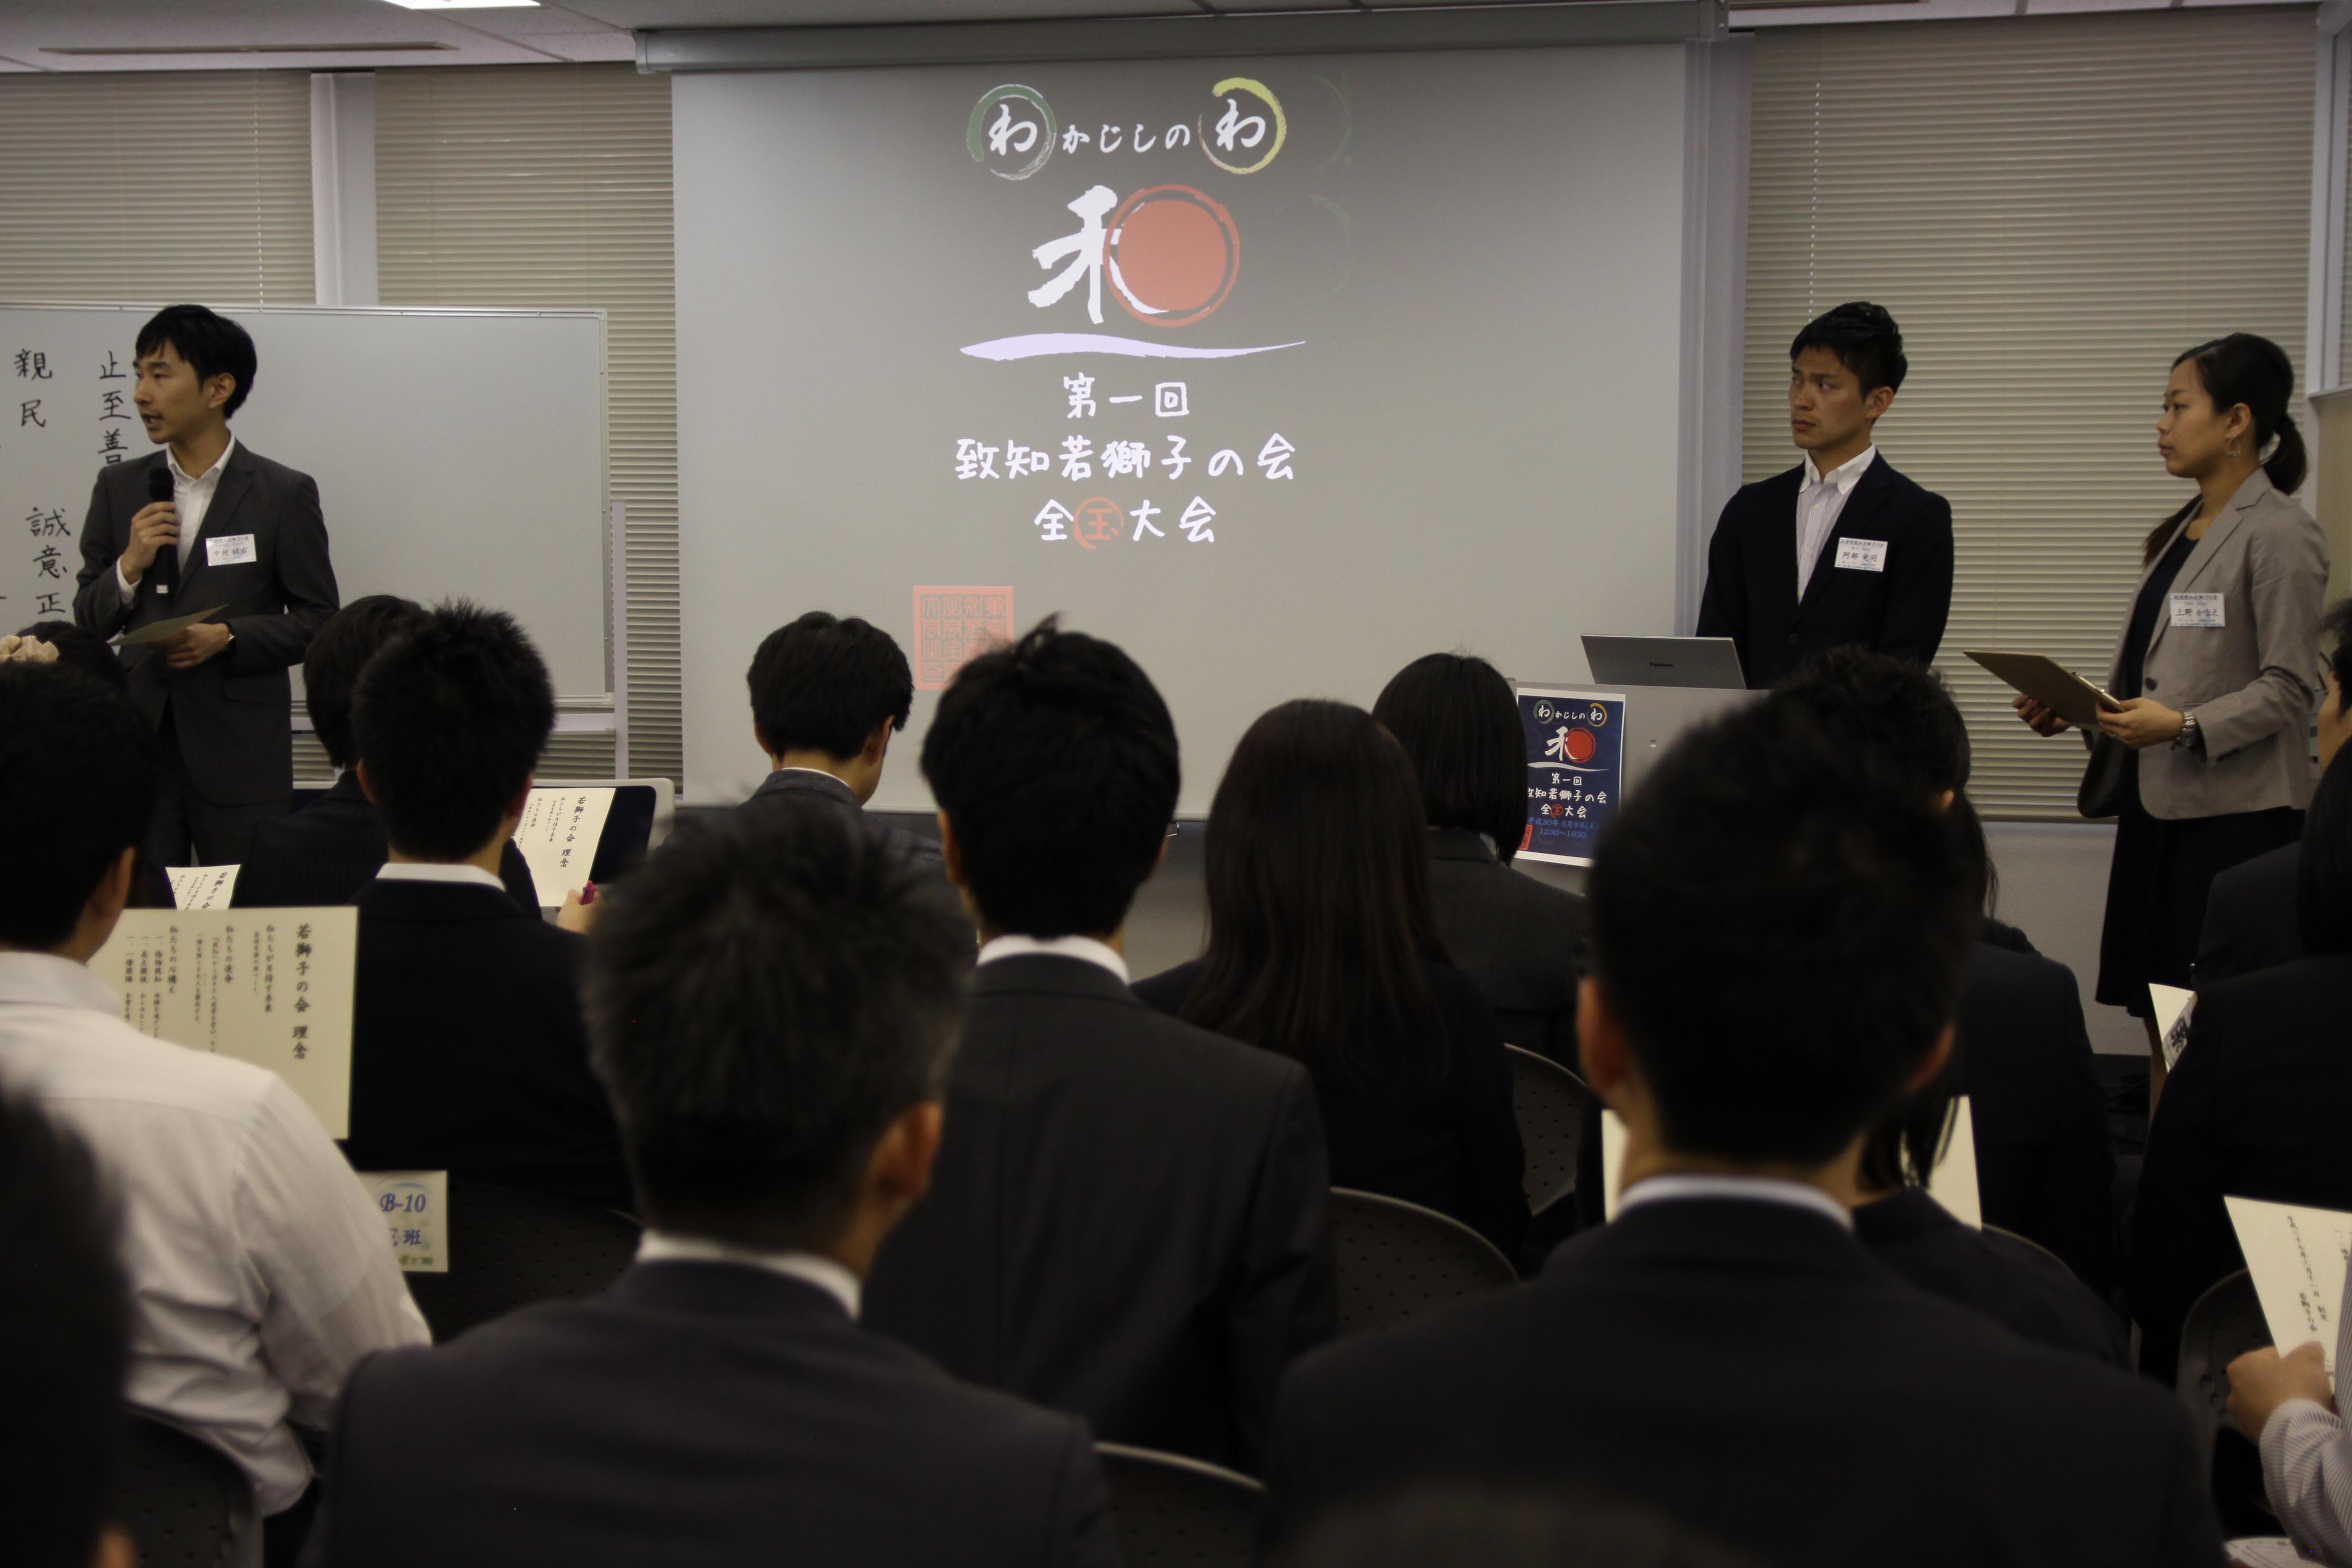 IMG 4611 - 関東若獅子の会、記念すべき第100回